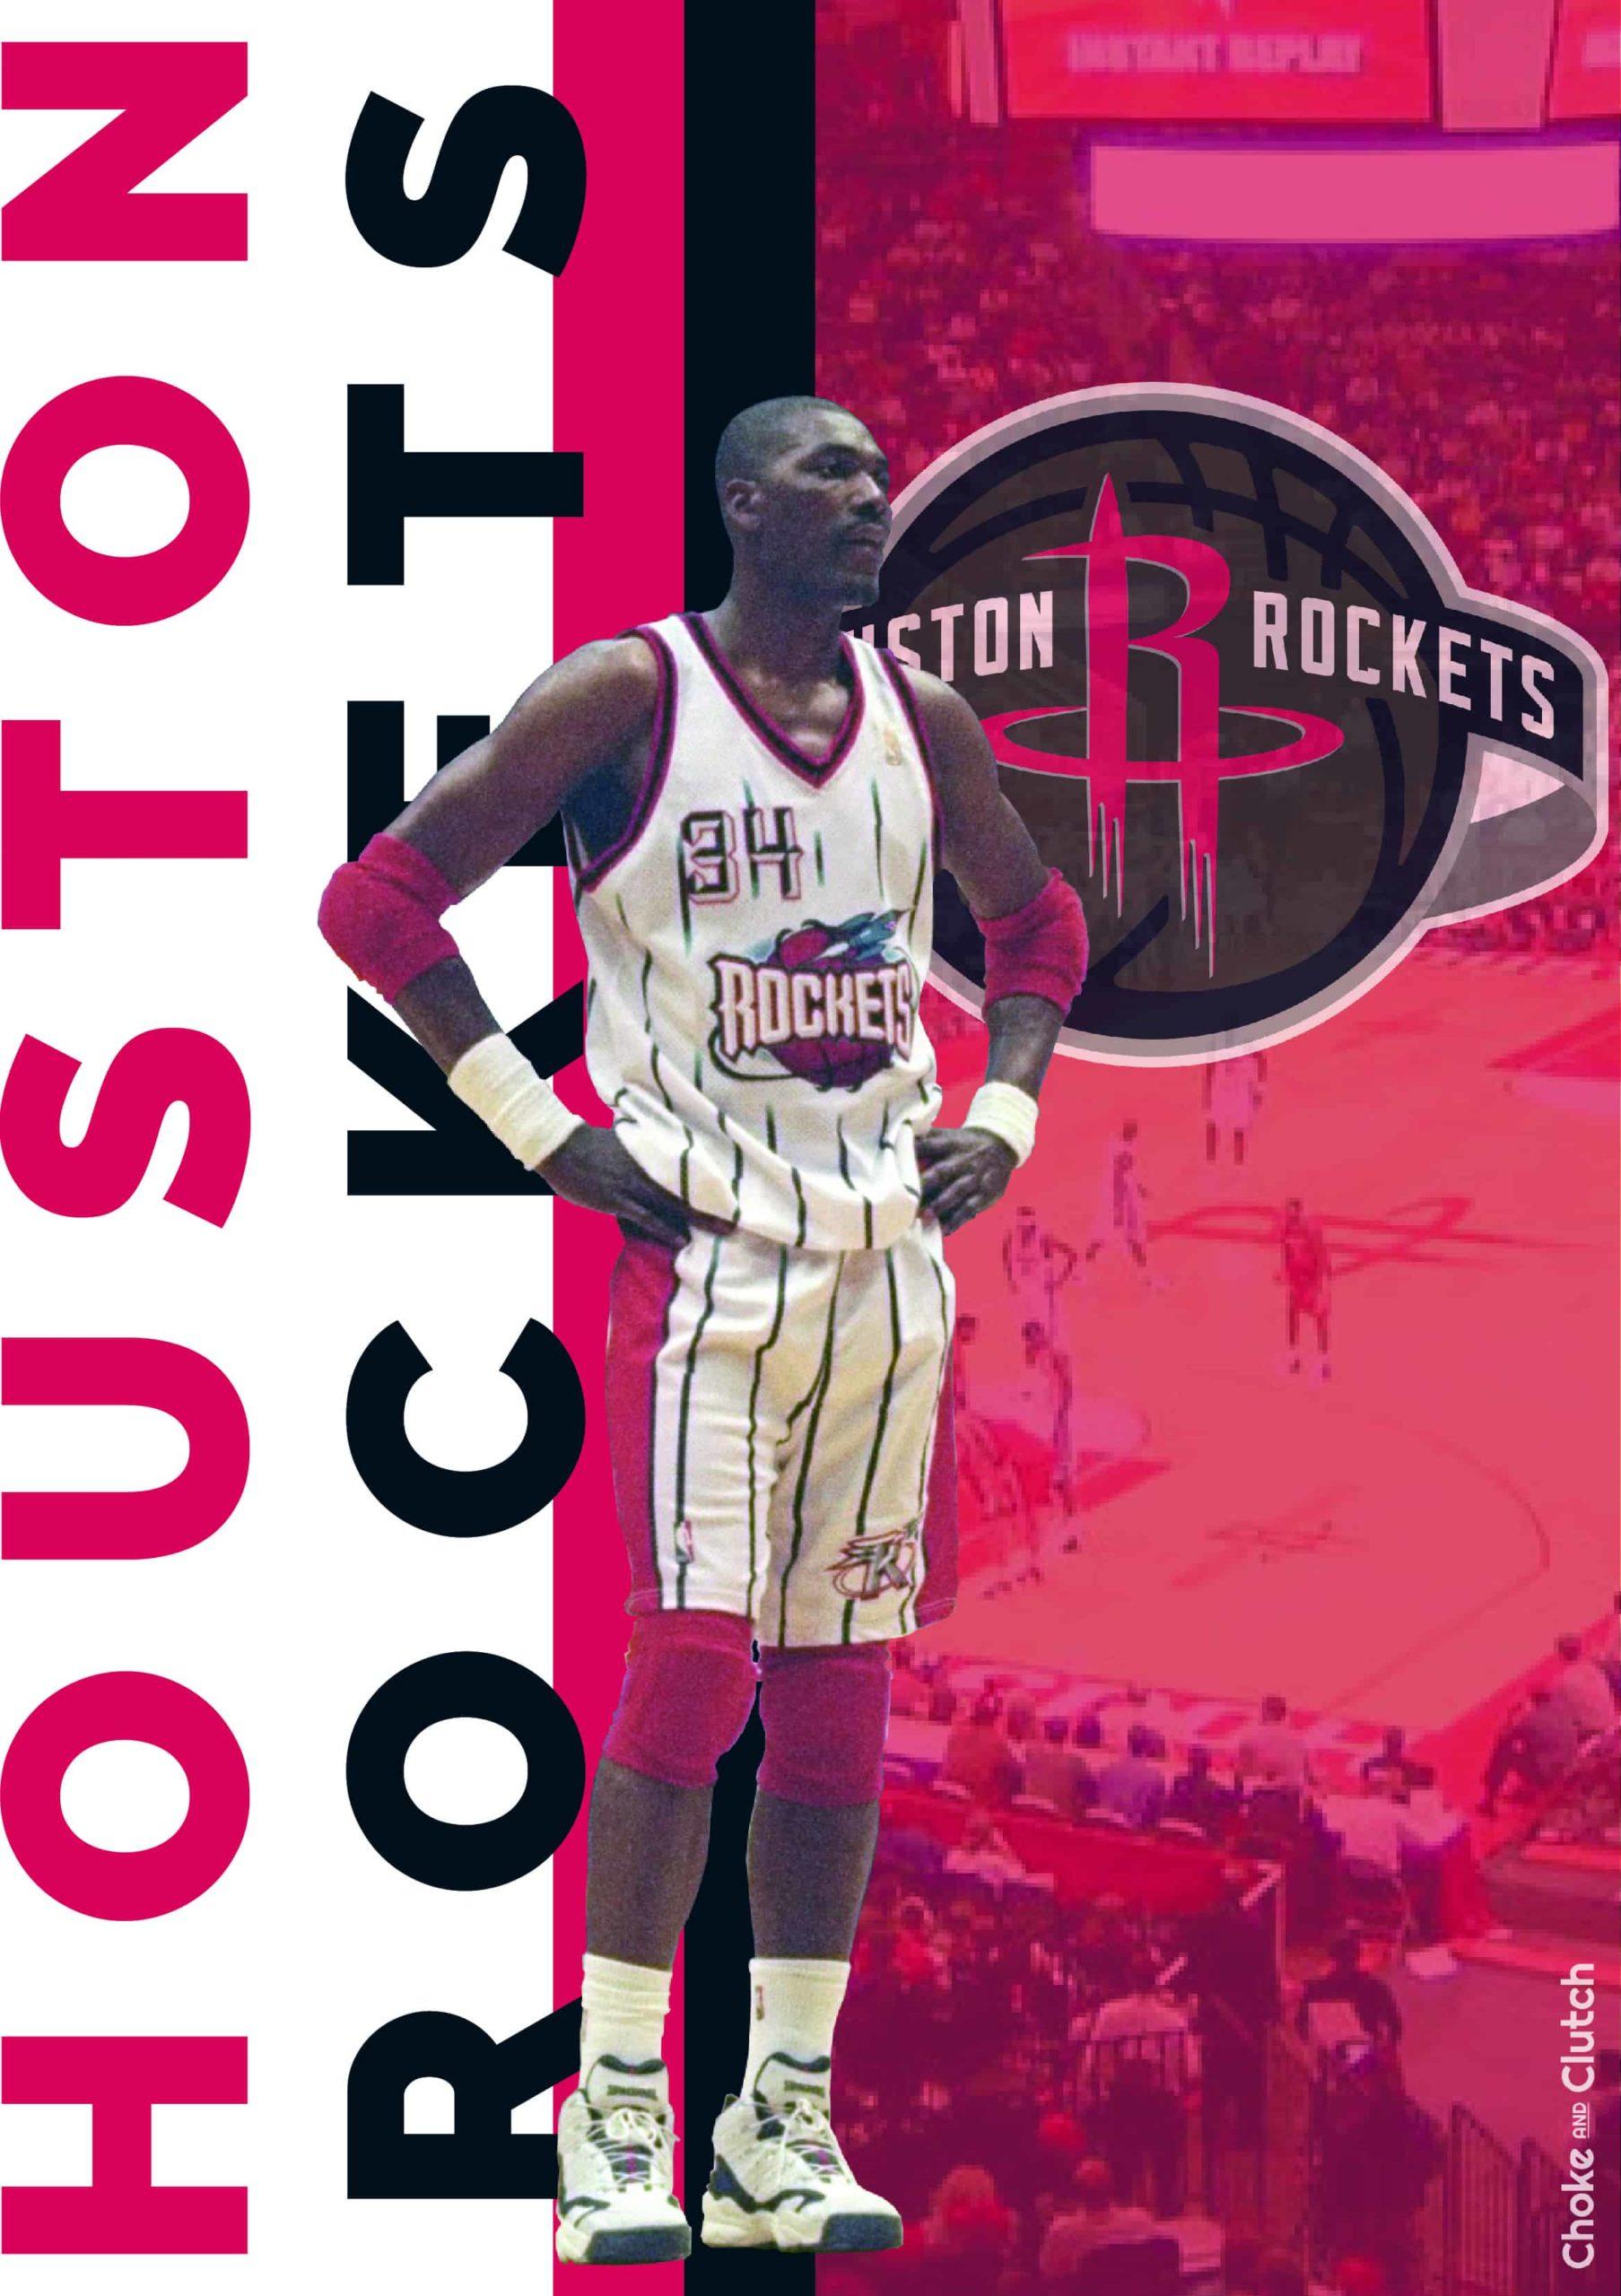 Histoire de la franchise NBA des Rockets d'Houston